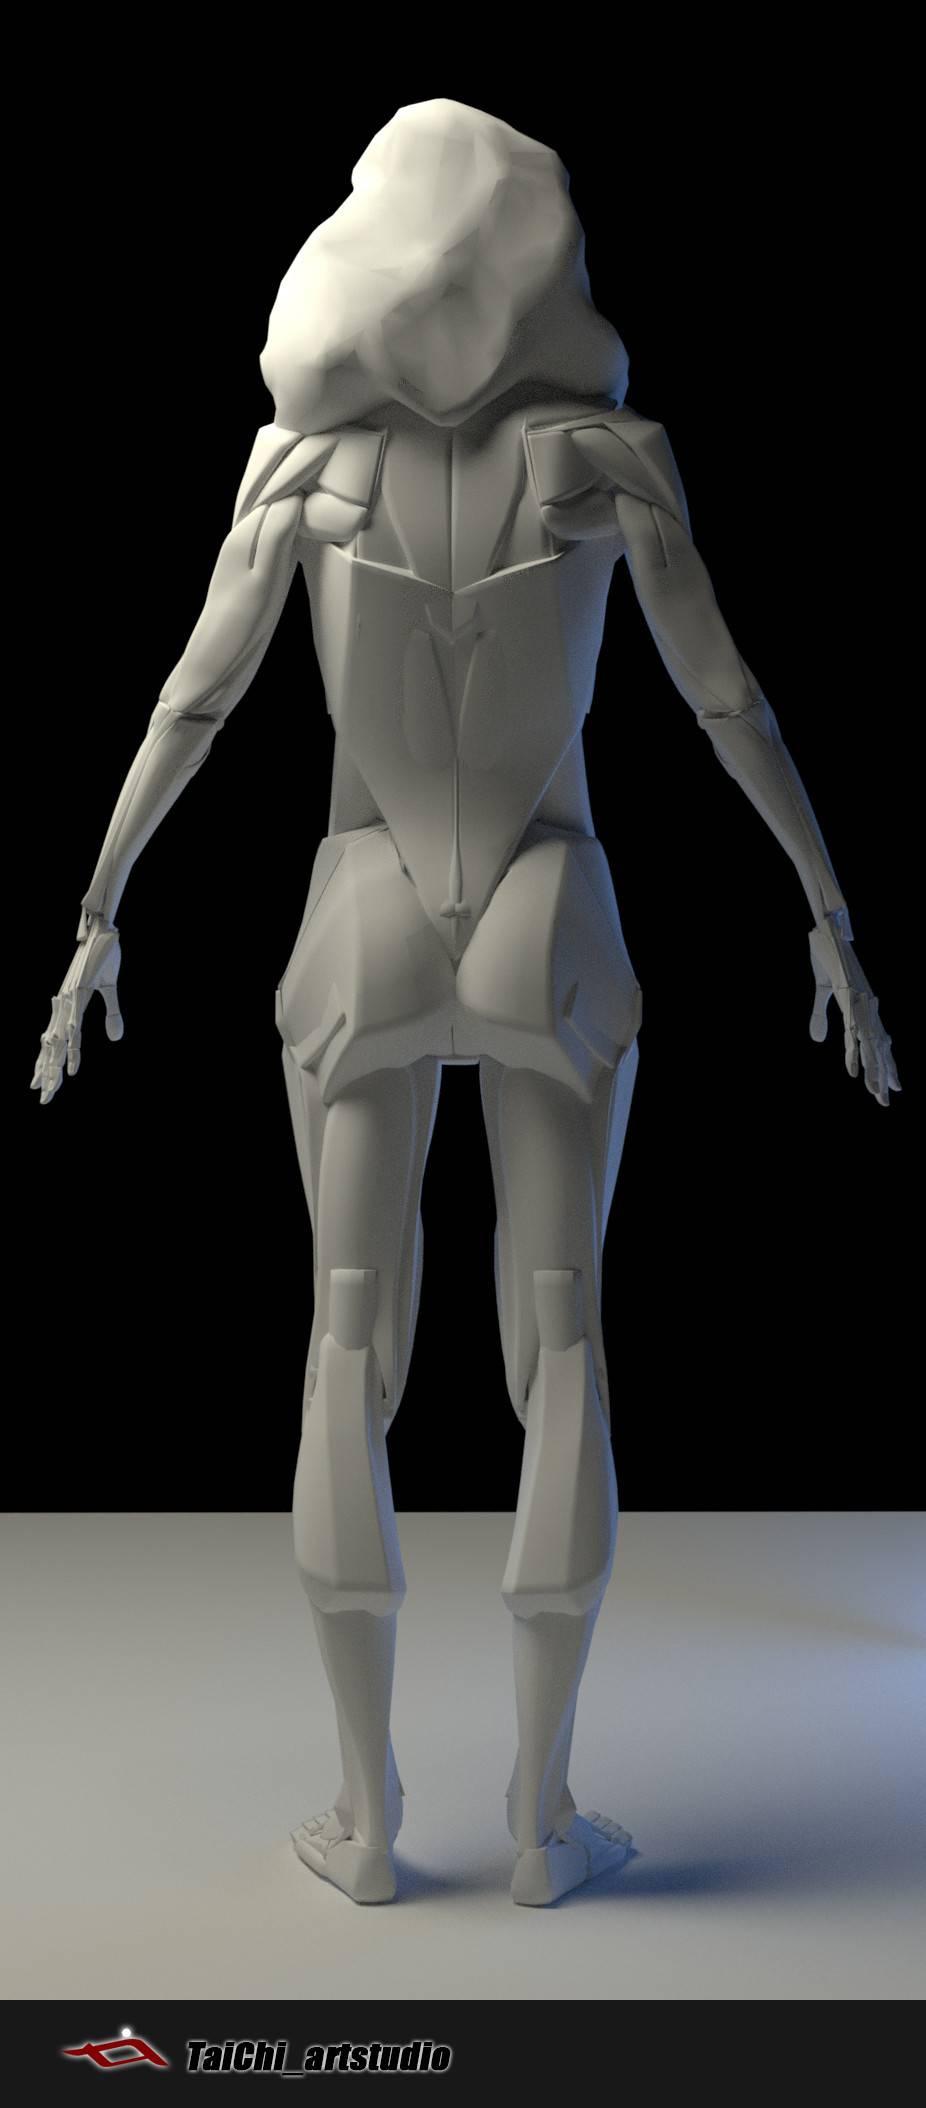 非常不错的人体分面图,美术练习的好东西! - R 站 学习使我快乐! - 19